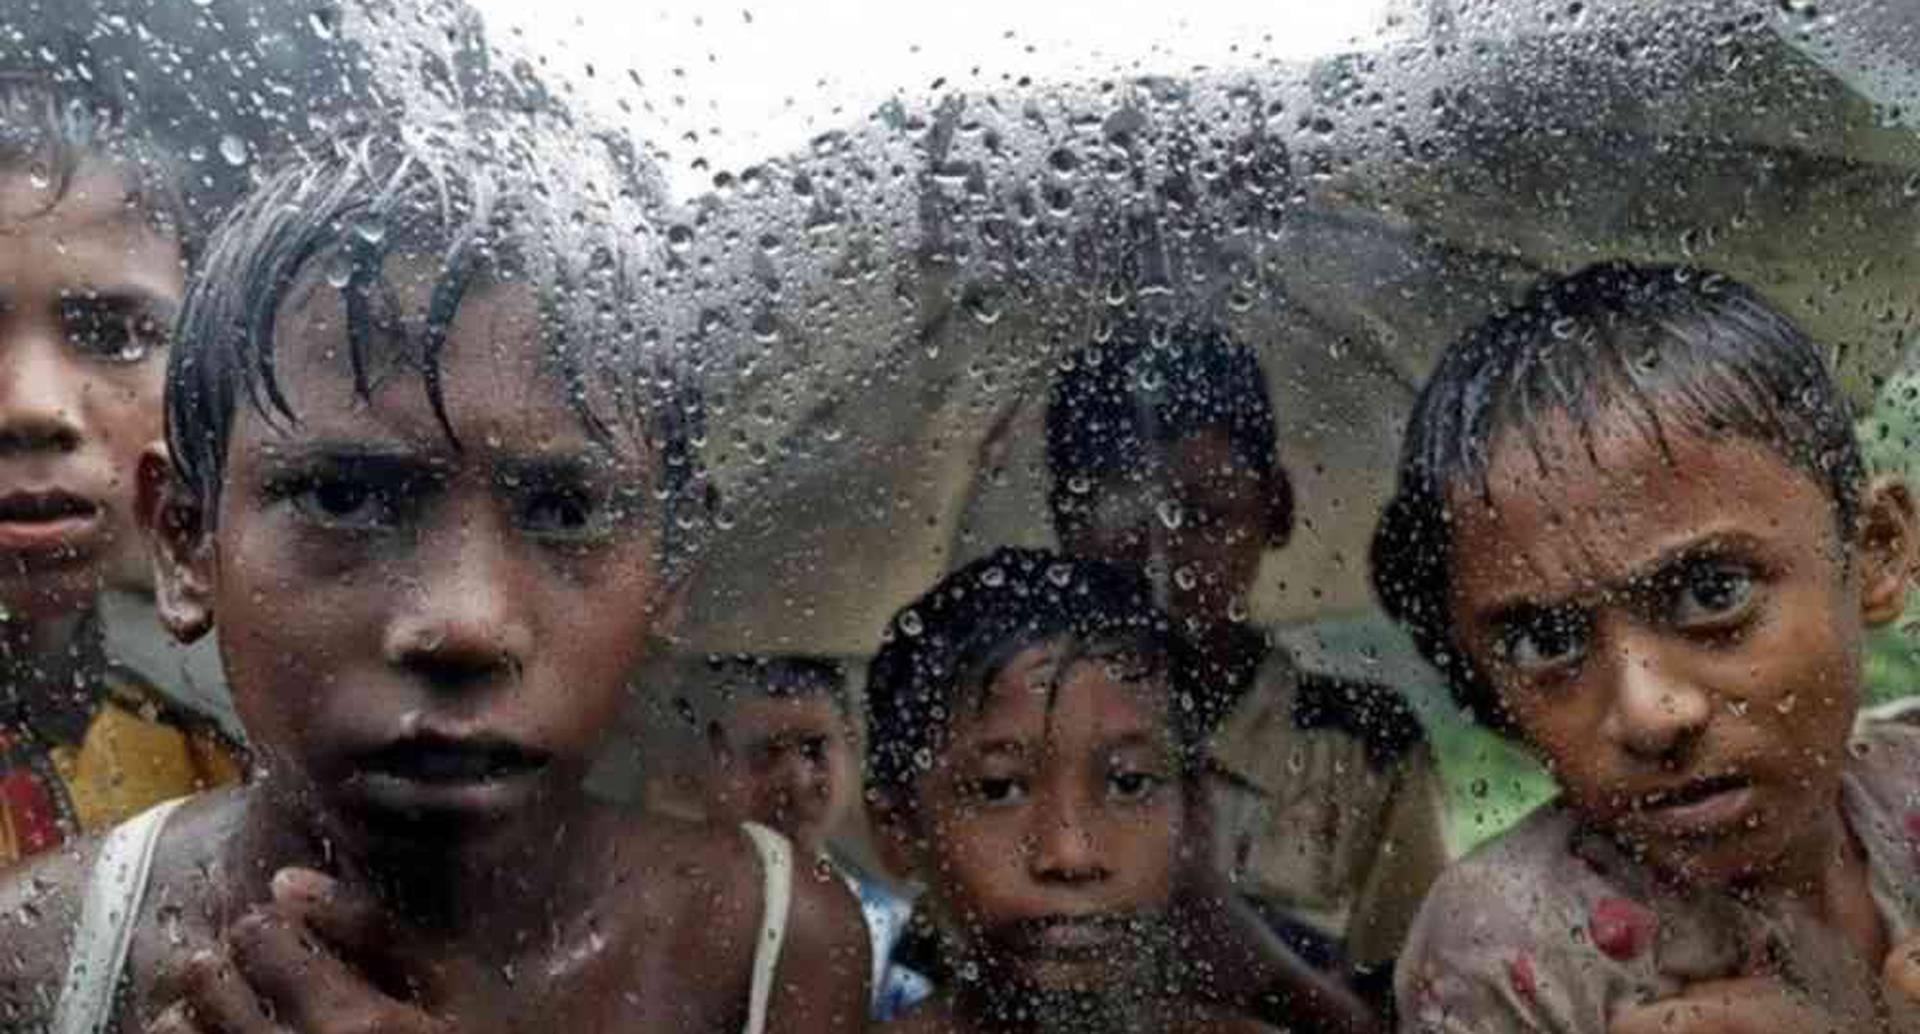 Los rohingya desplazados a finales de 2017, huyeron principalmente a Bangladesh. Foto:  Reuters